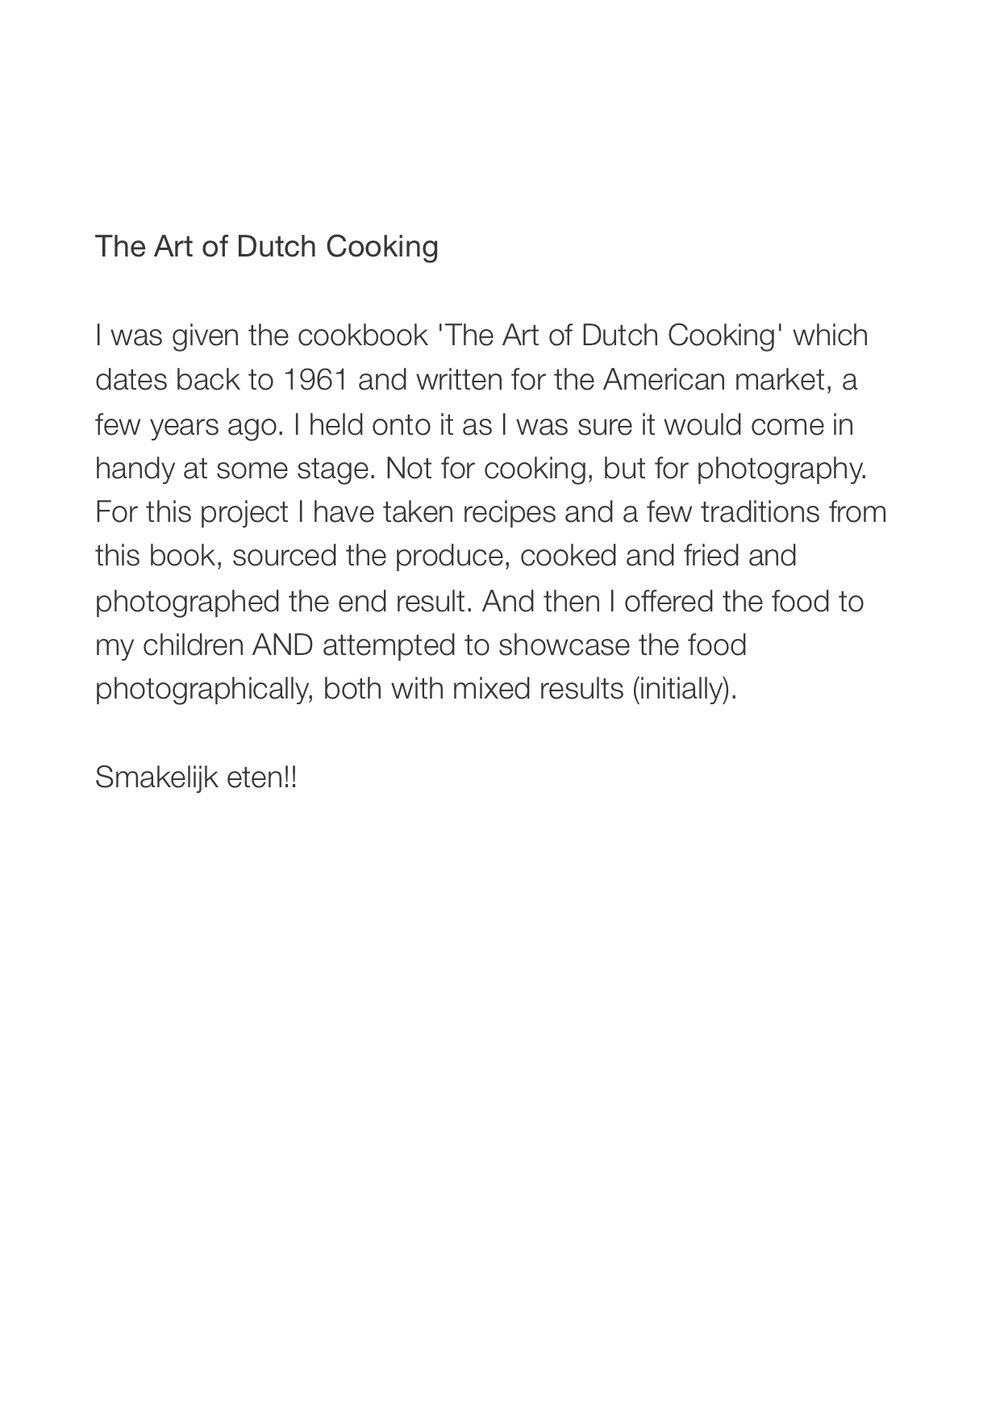 text art of dutch cooking.jpg